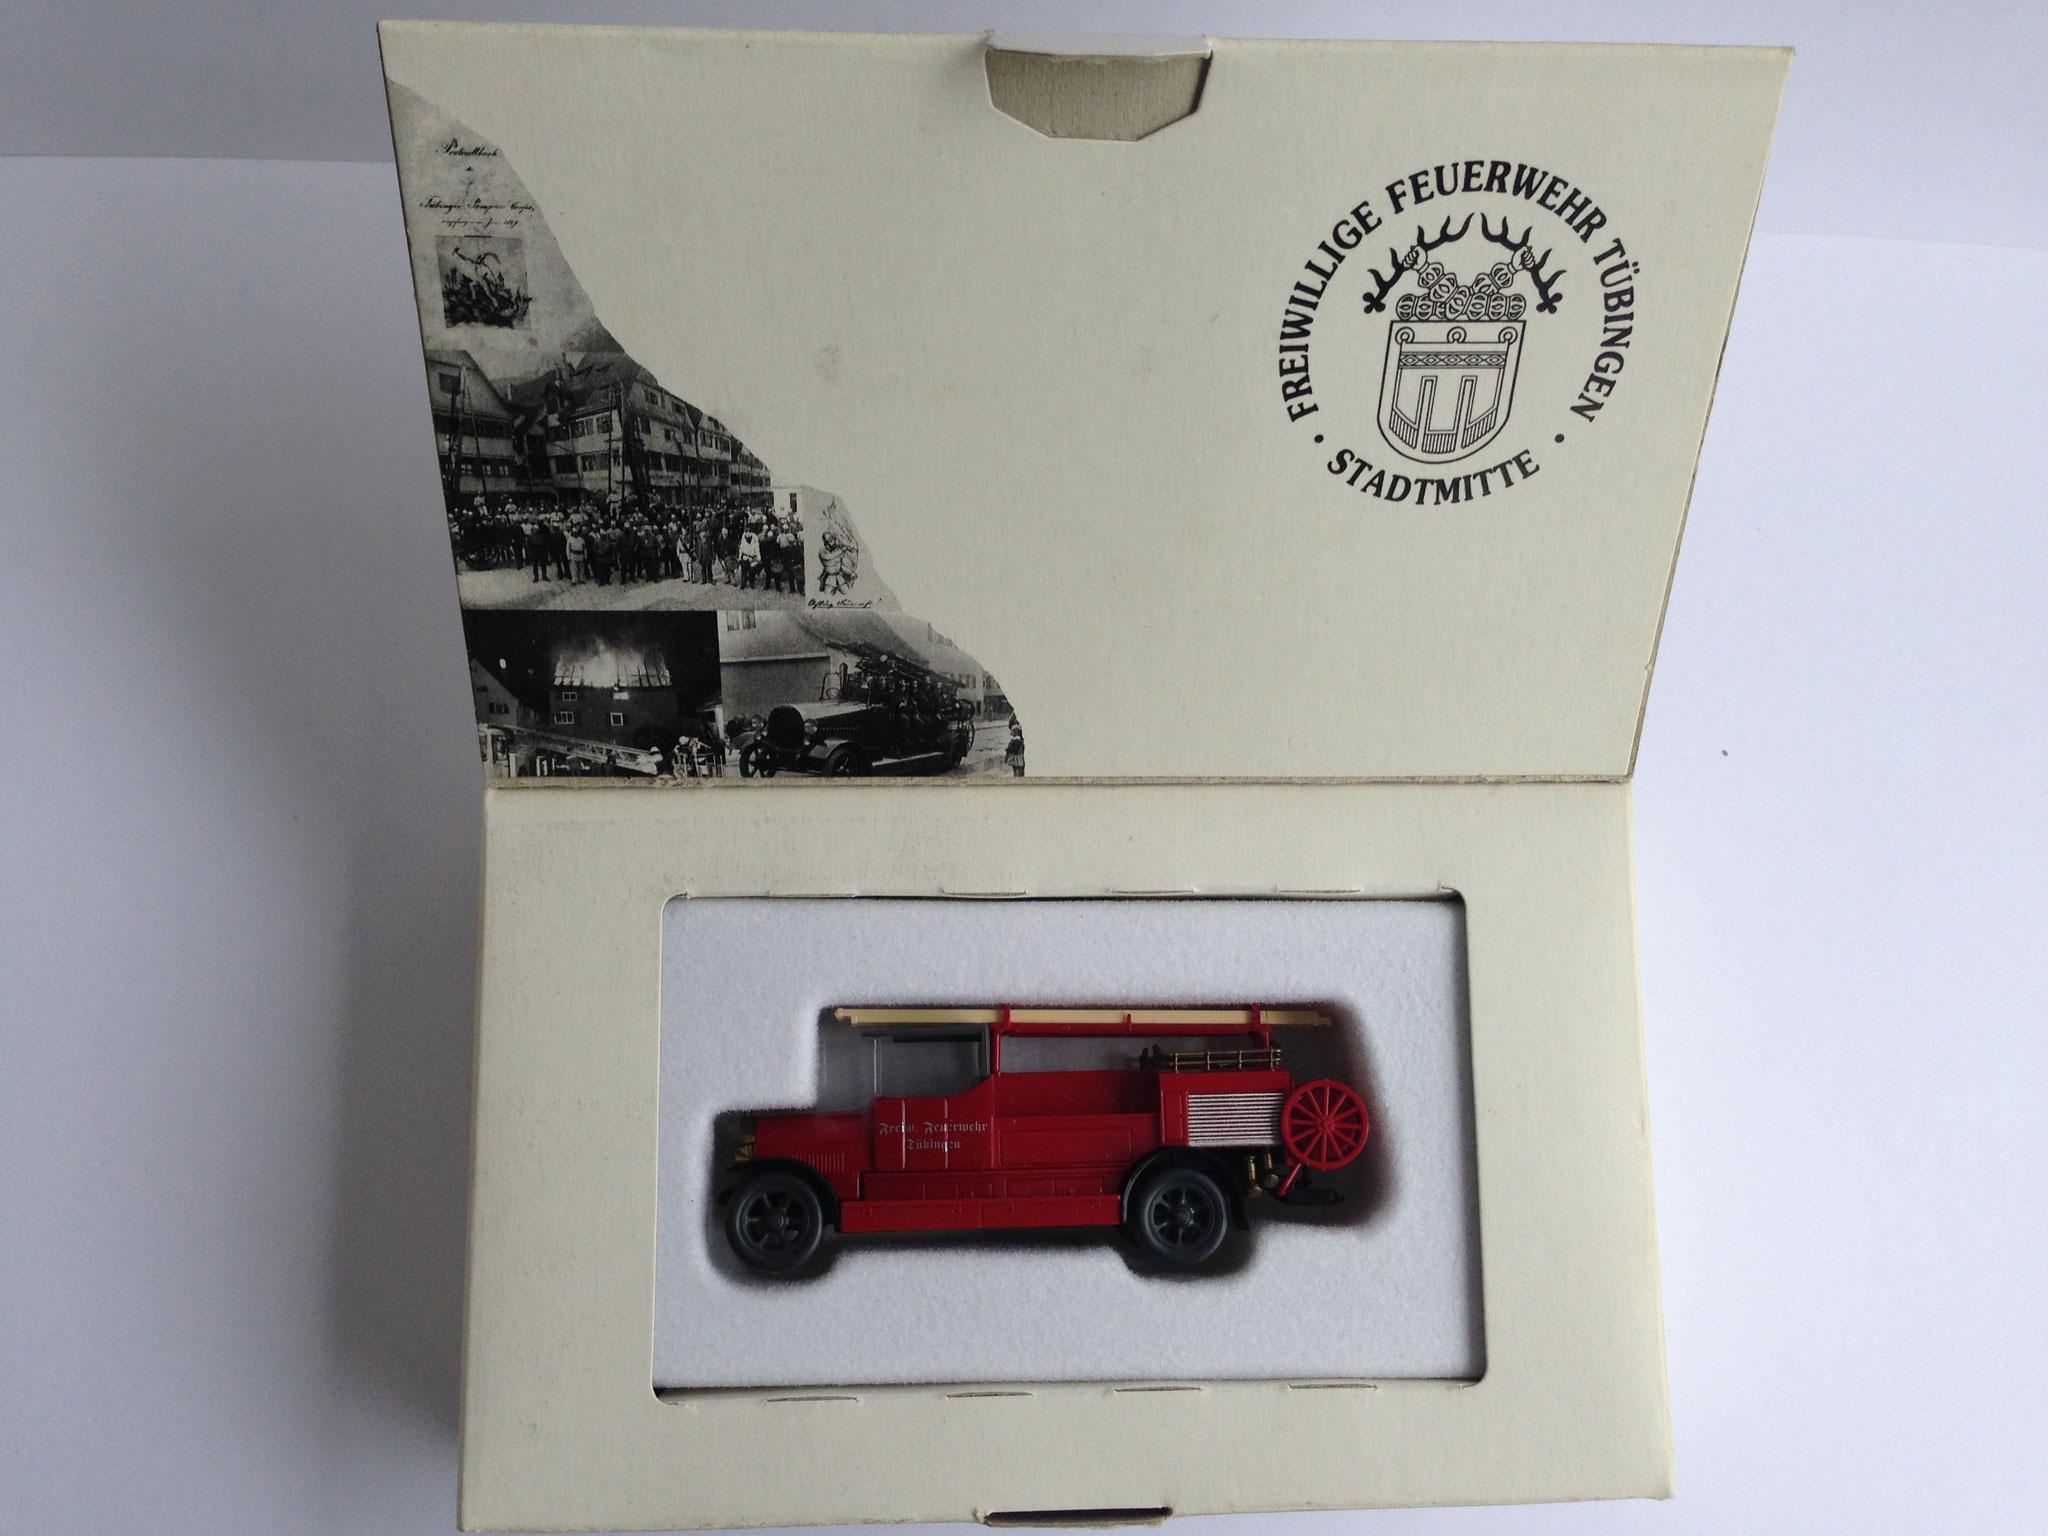 Benz LF12 Feuerwehr-Motorspritze, 150 Jahre Freiwillige Feuerwehr Tübingen, 1997 (Sonderauflage 1000 Stk.)